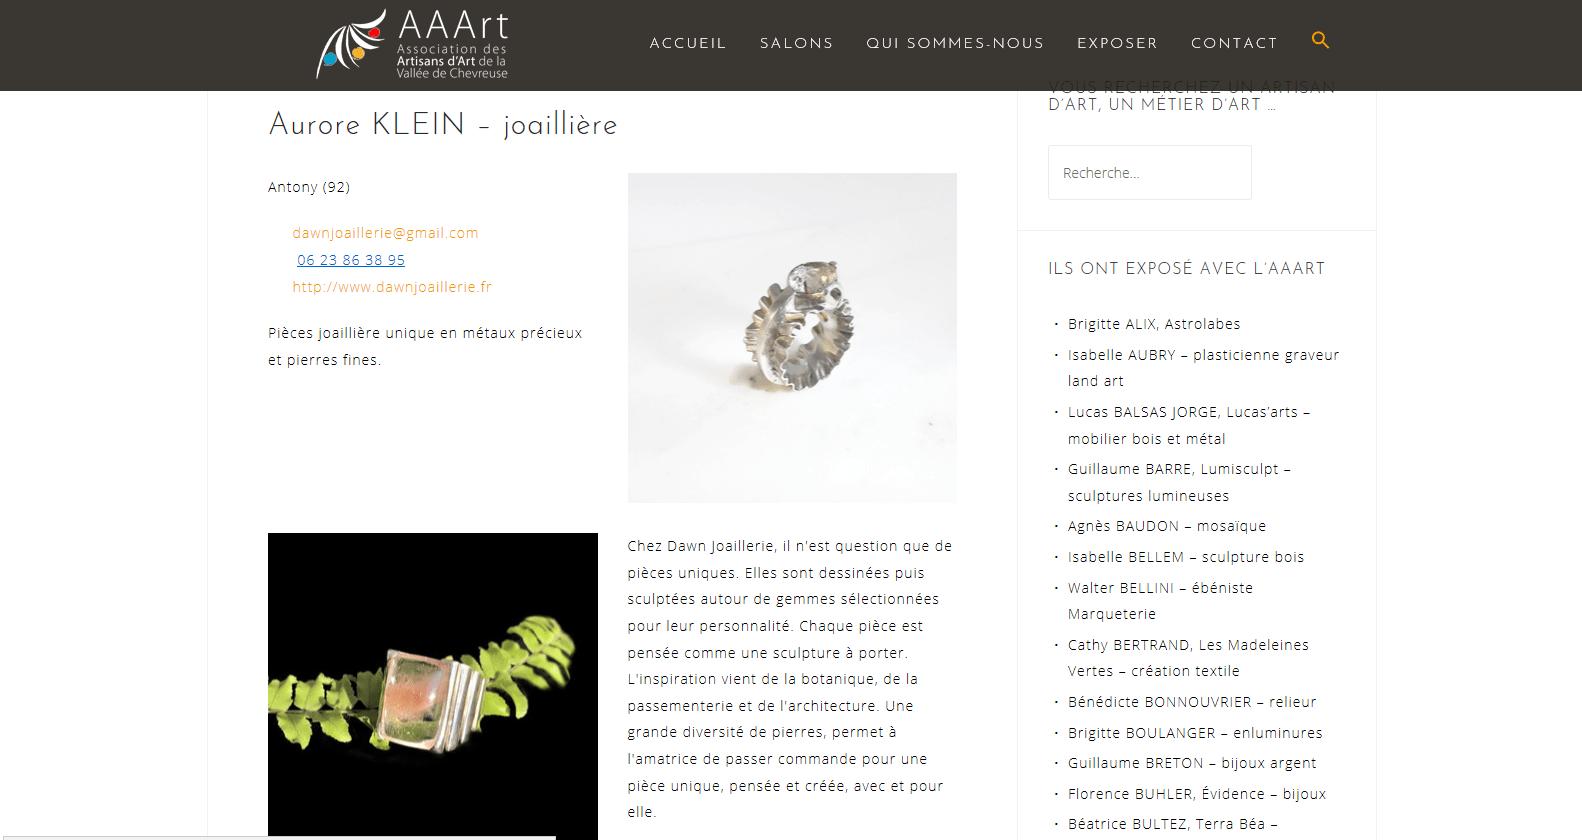 http://aaart-valleedechevreuse.fr/exposants/lucas-balsas-jorge-lucasarts-mobilier-bois-et-metal-2/